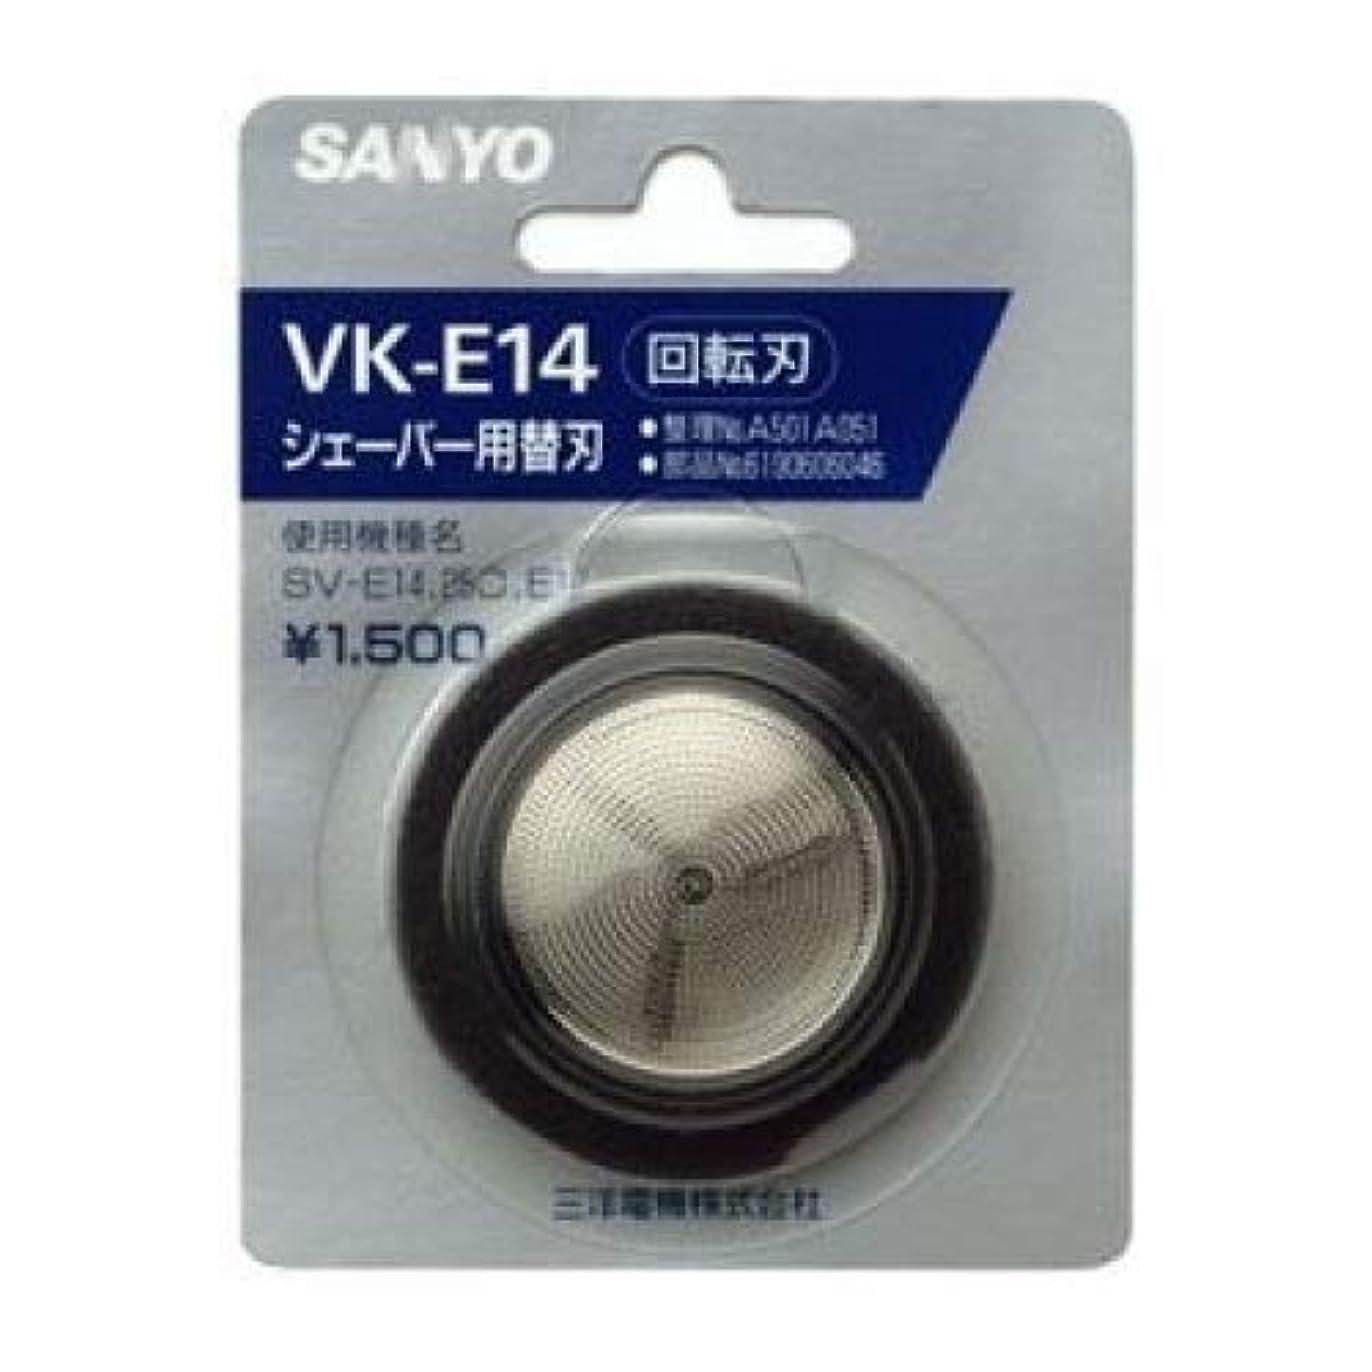 電子レンジ黒板心からSANYO シェーバー用替刃 回転式 内?外刃セット KA-VK-E14